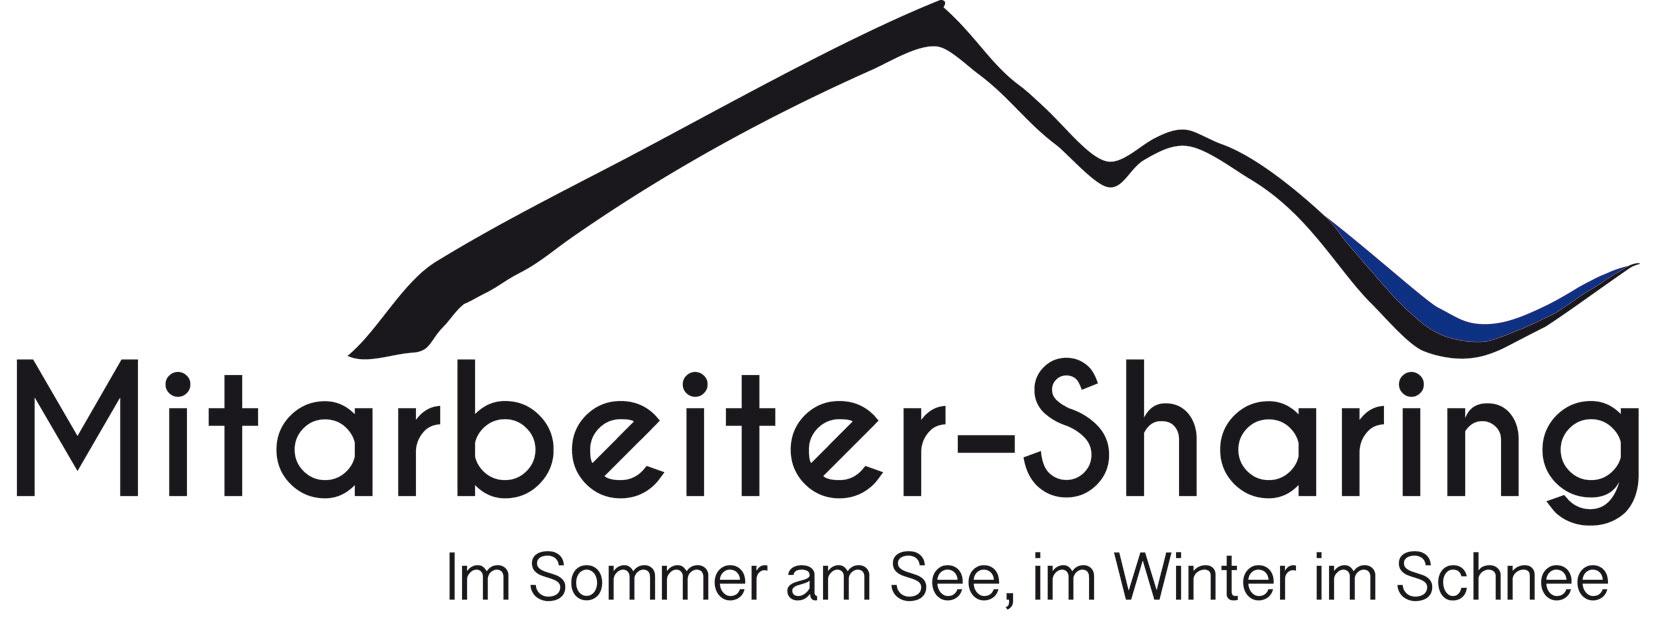 Logo Mitarbeiter Sharing